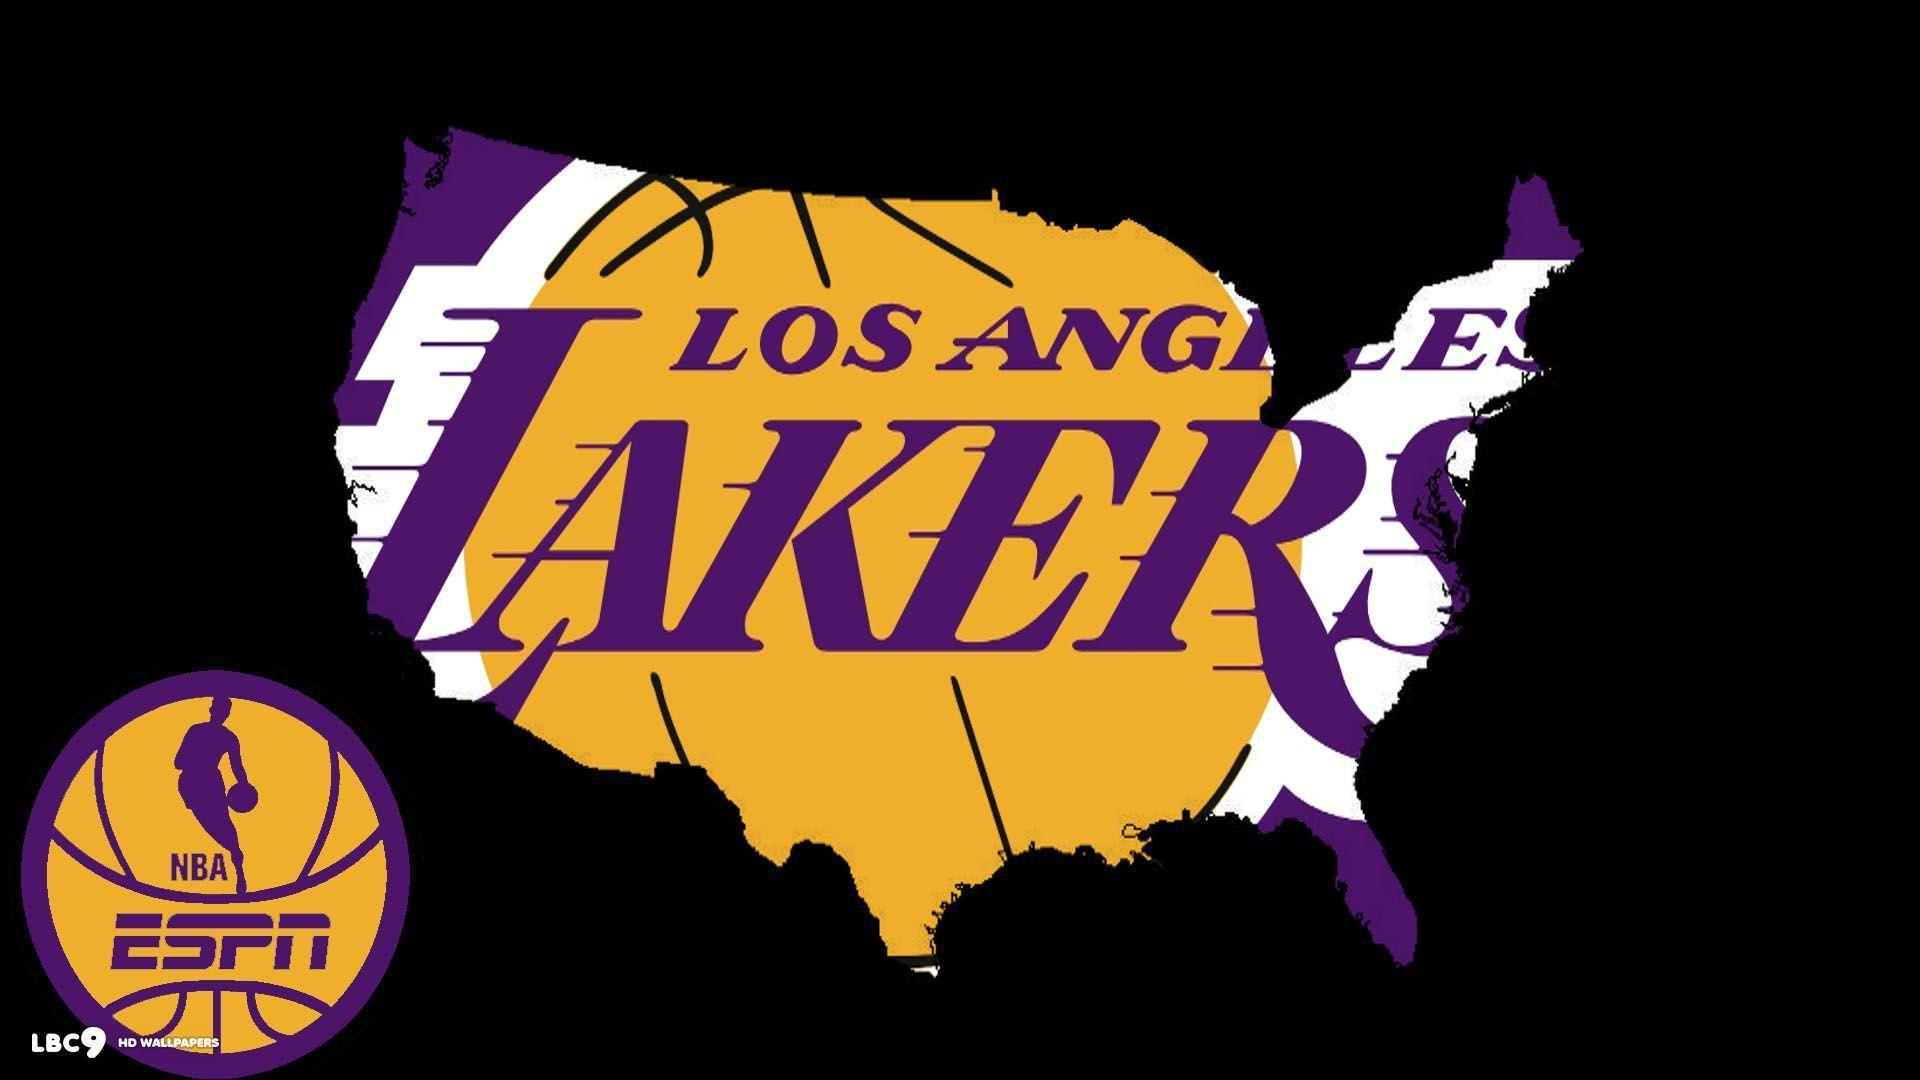 Nba Basketball Los Angeles Lakers: La Lakers Backgrounds